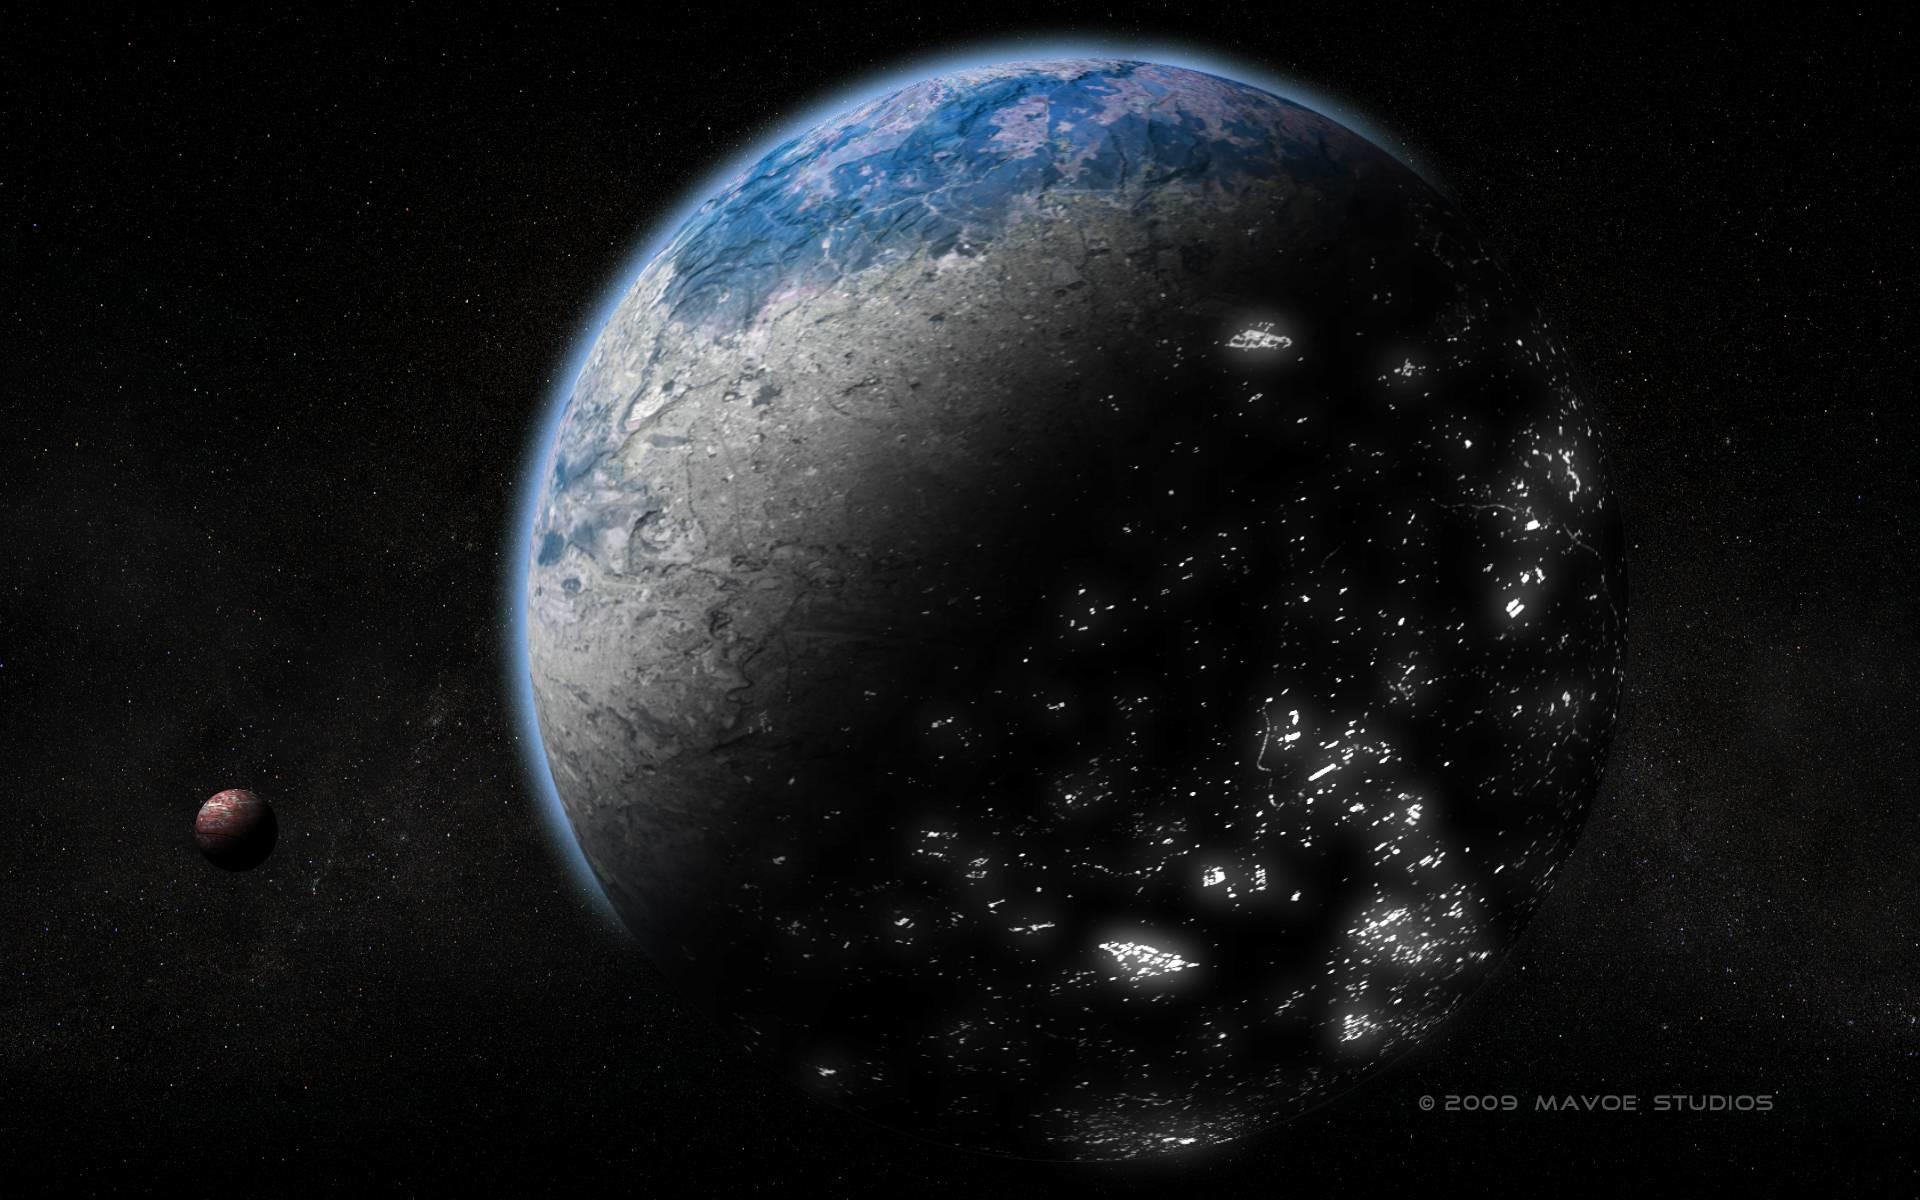 Alien Planet wallpaper 9806